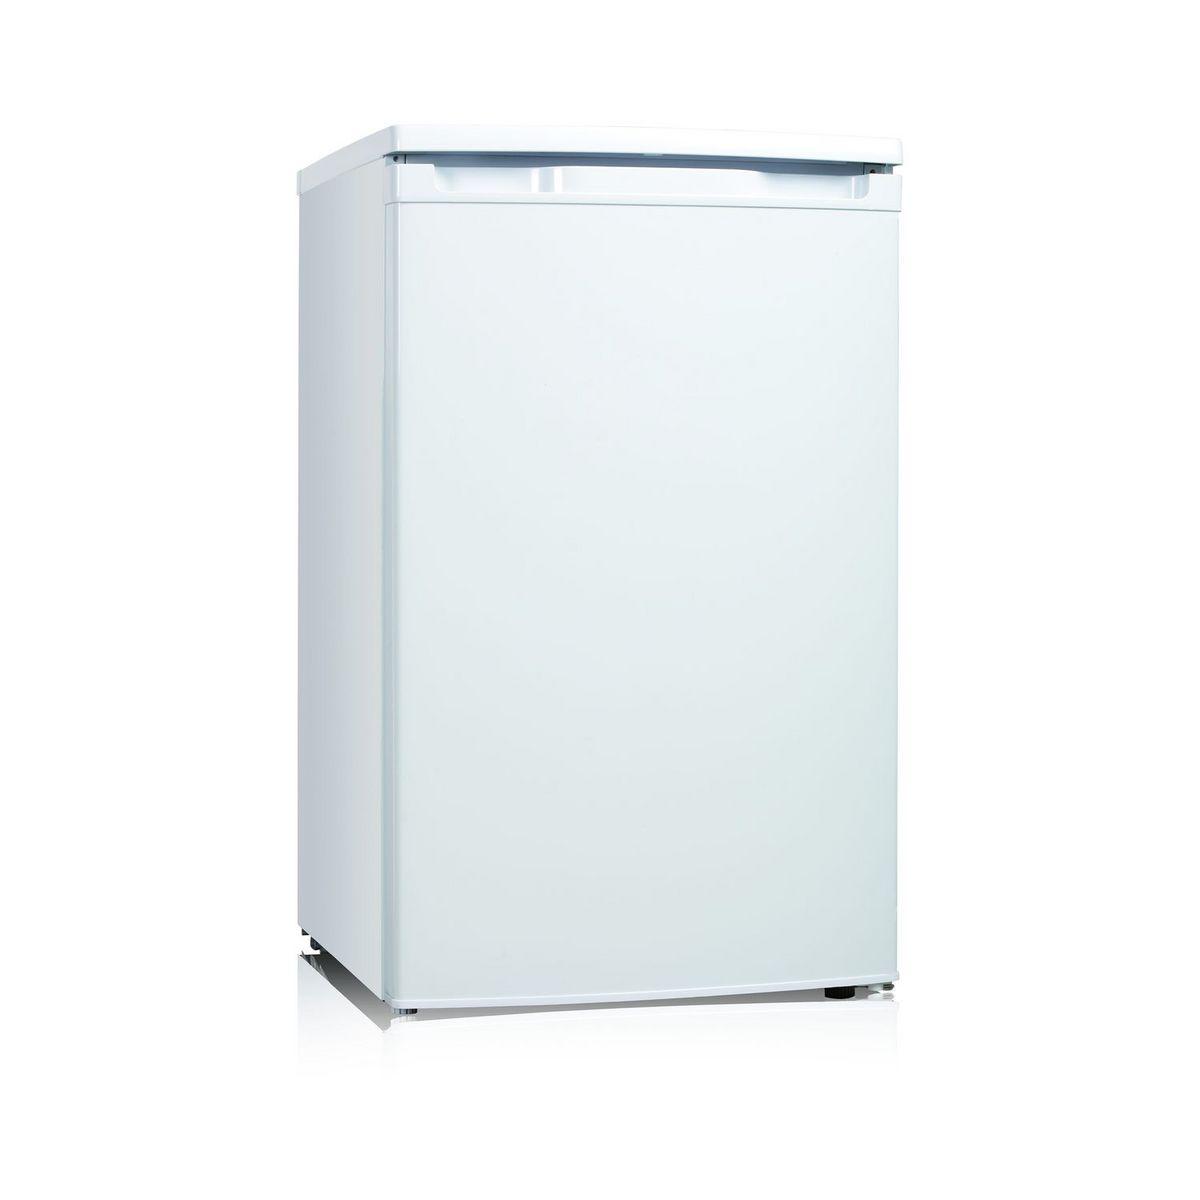 Réfrigérateur table top 154478, 97 L, Froid statique